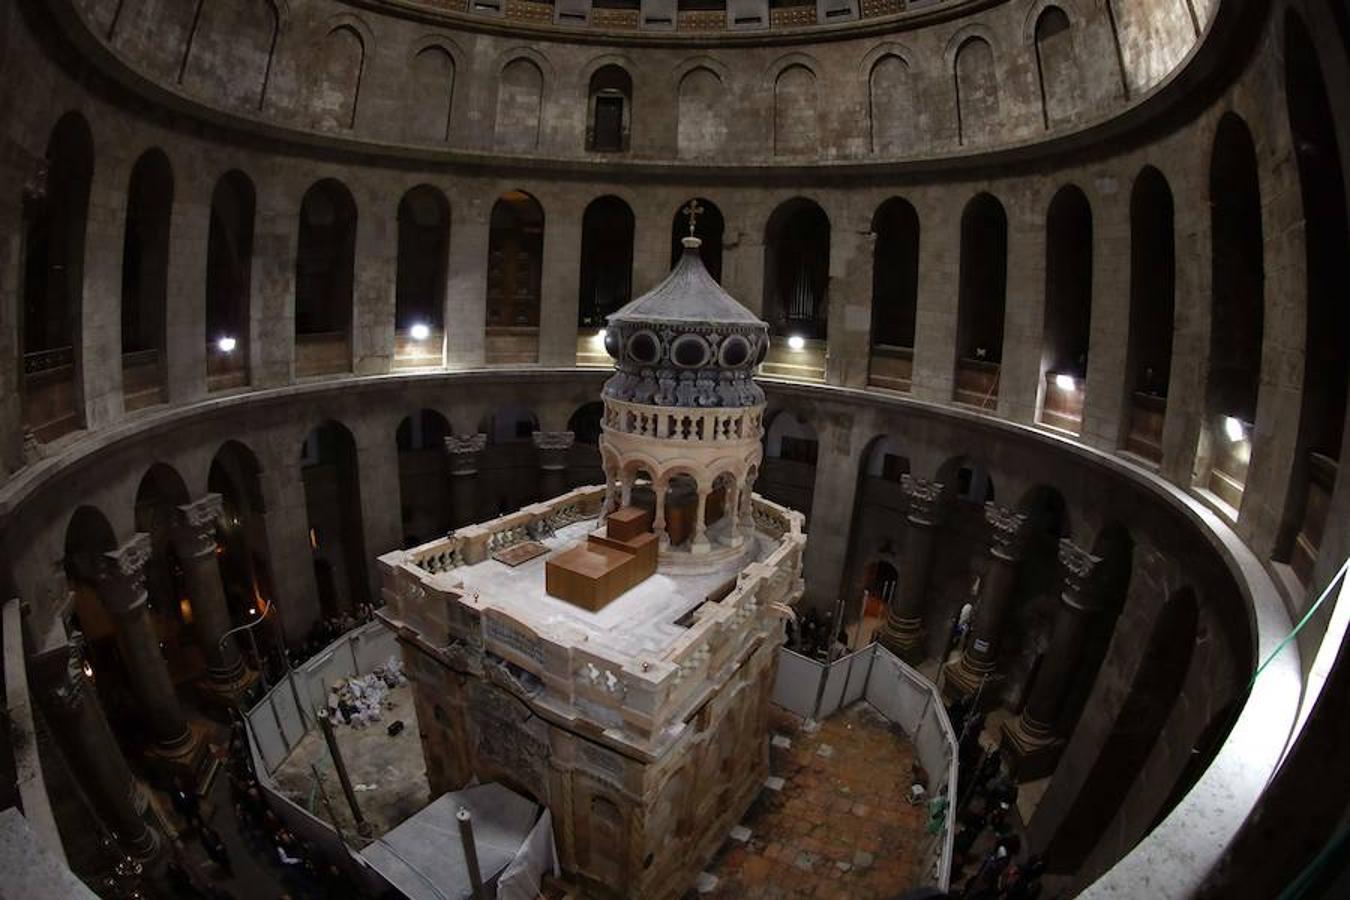 La Tumba de Jesucristo recobra su esplendor - Santo Sepulcro, Jerusalén 2